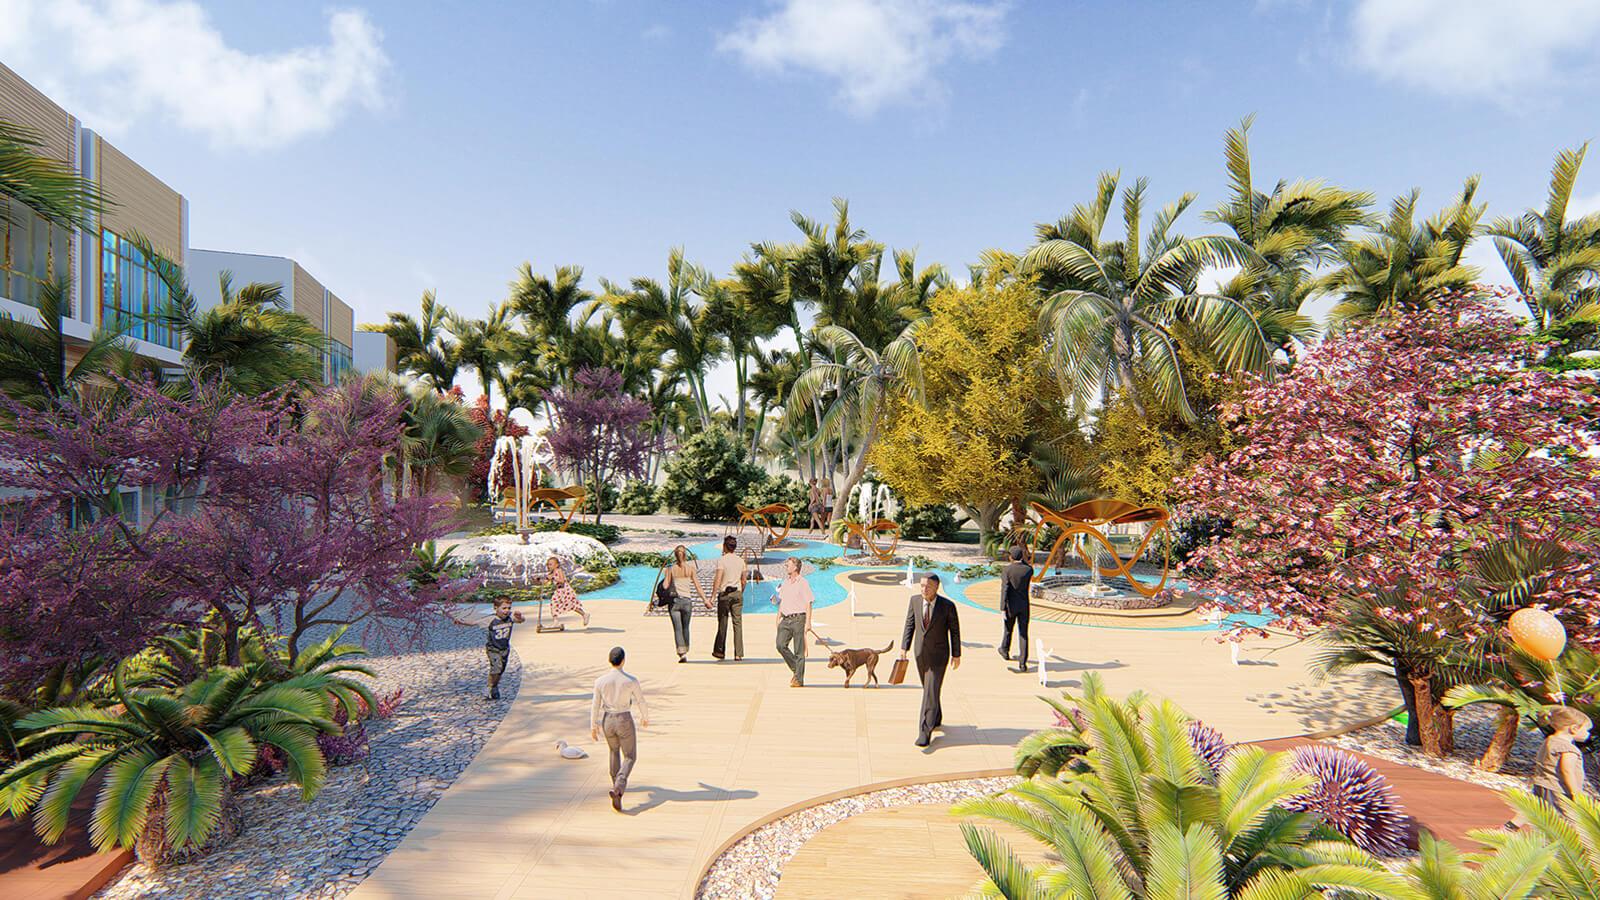 Phối cảnh một góc công viên ngàn hoa nội khu dự án Ocean Gate